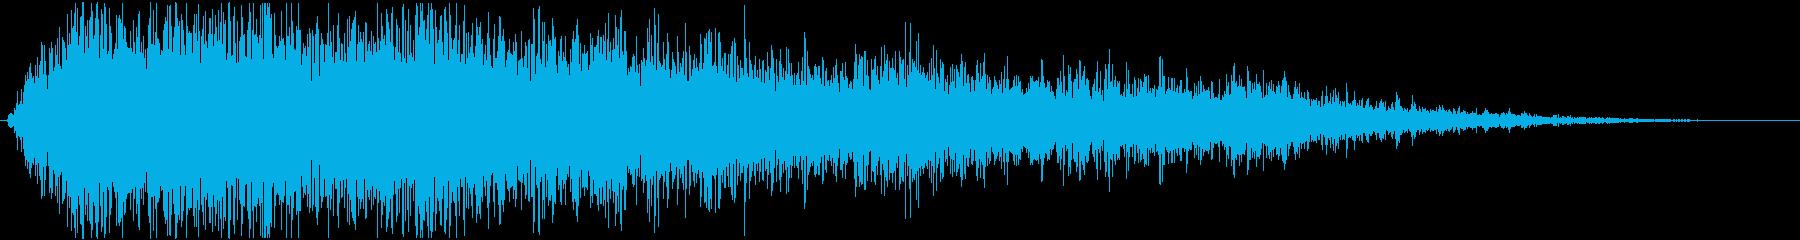 【爆発】 22 戦争 爆撃 激しめの再生済みの波形